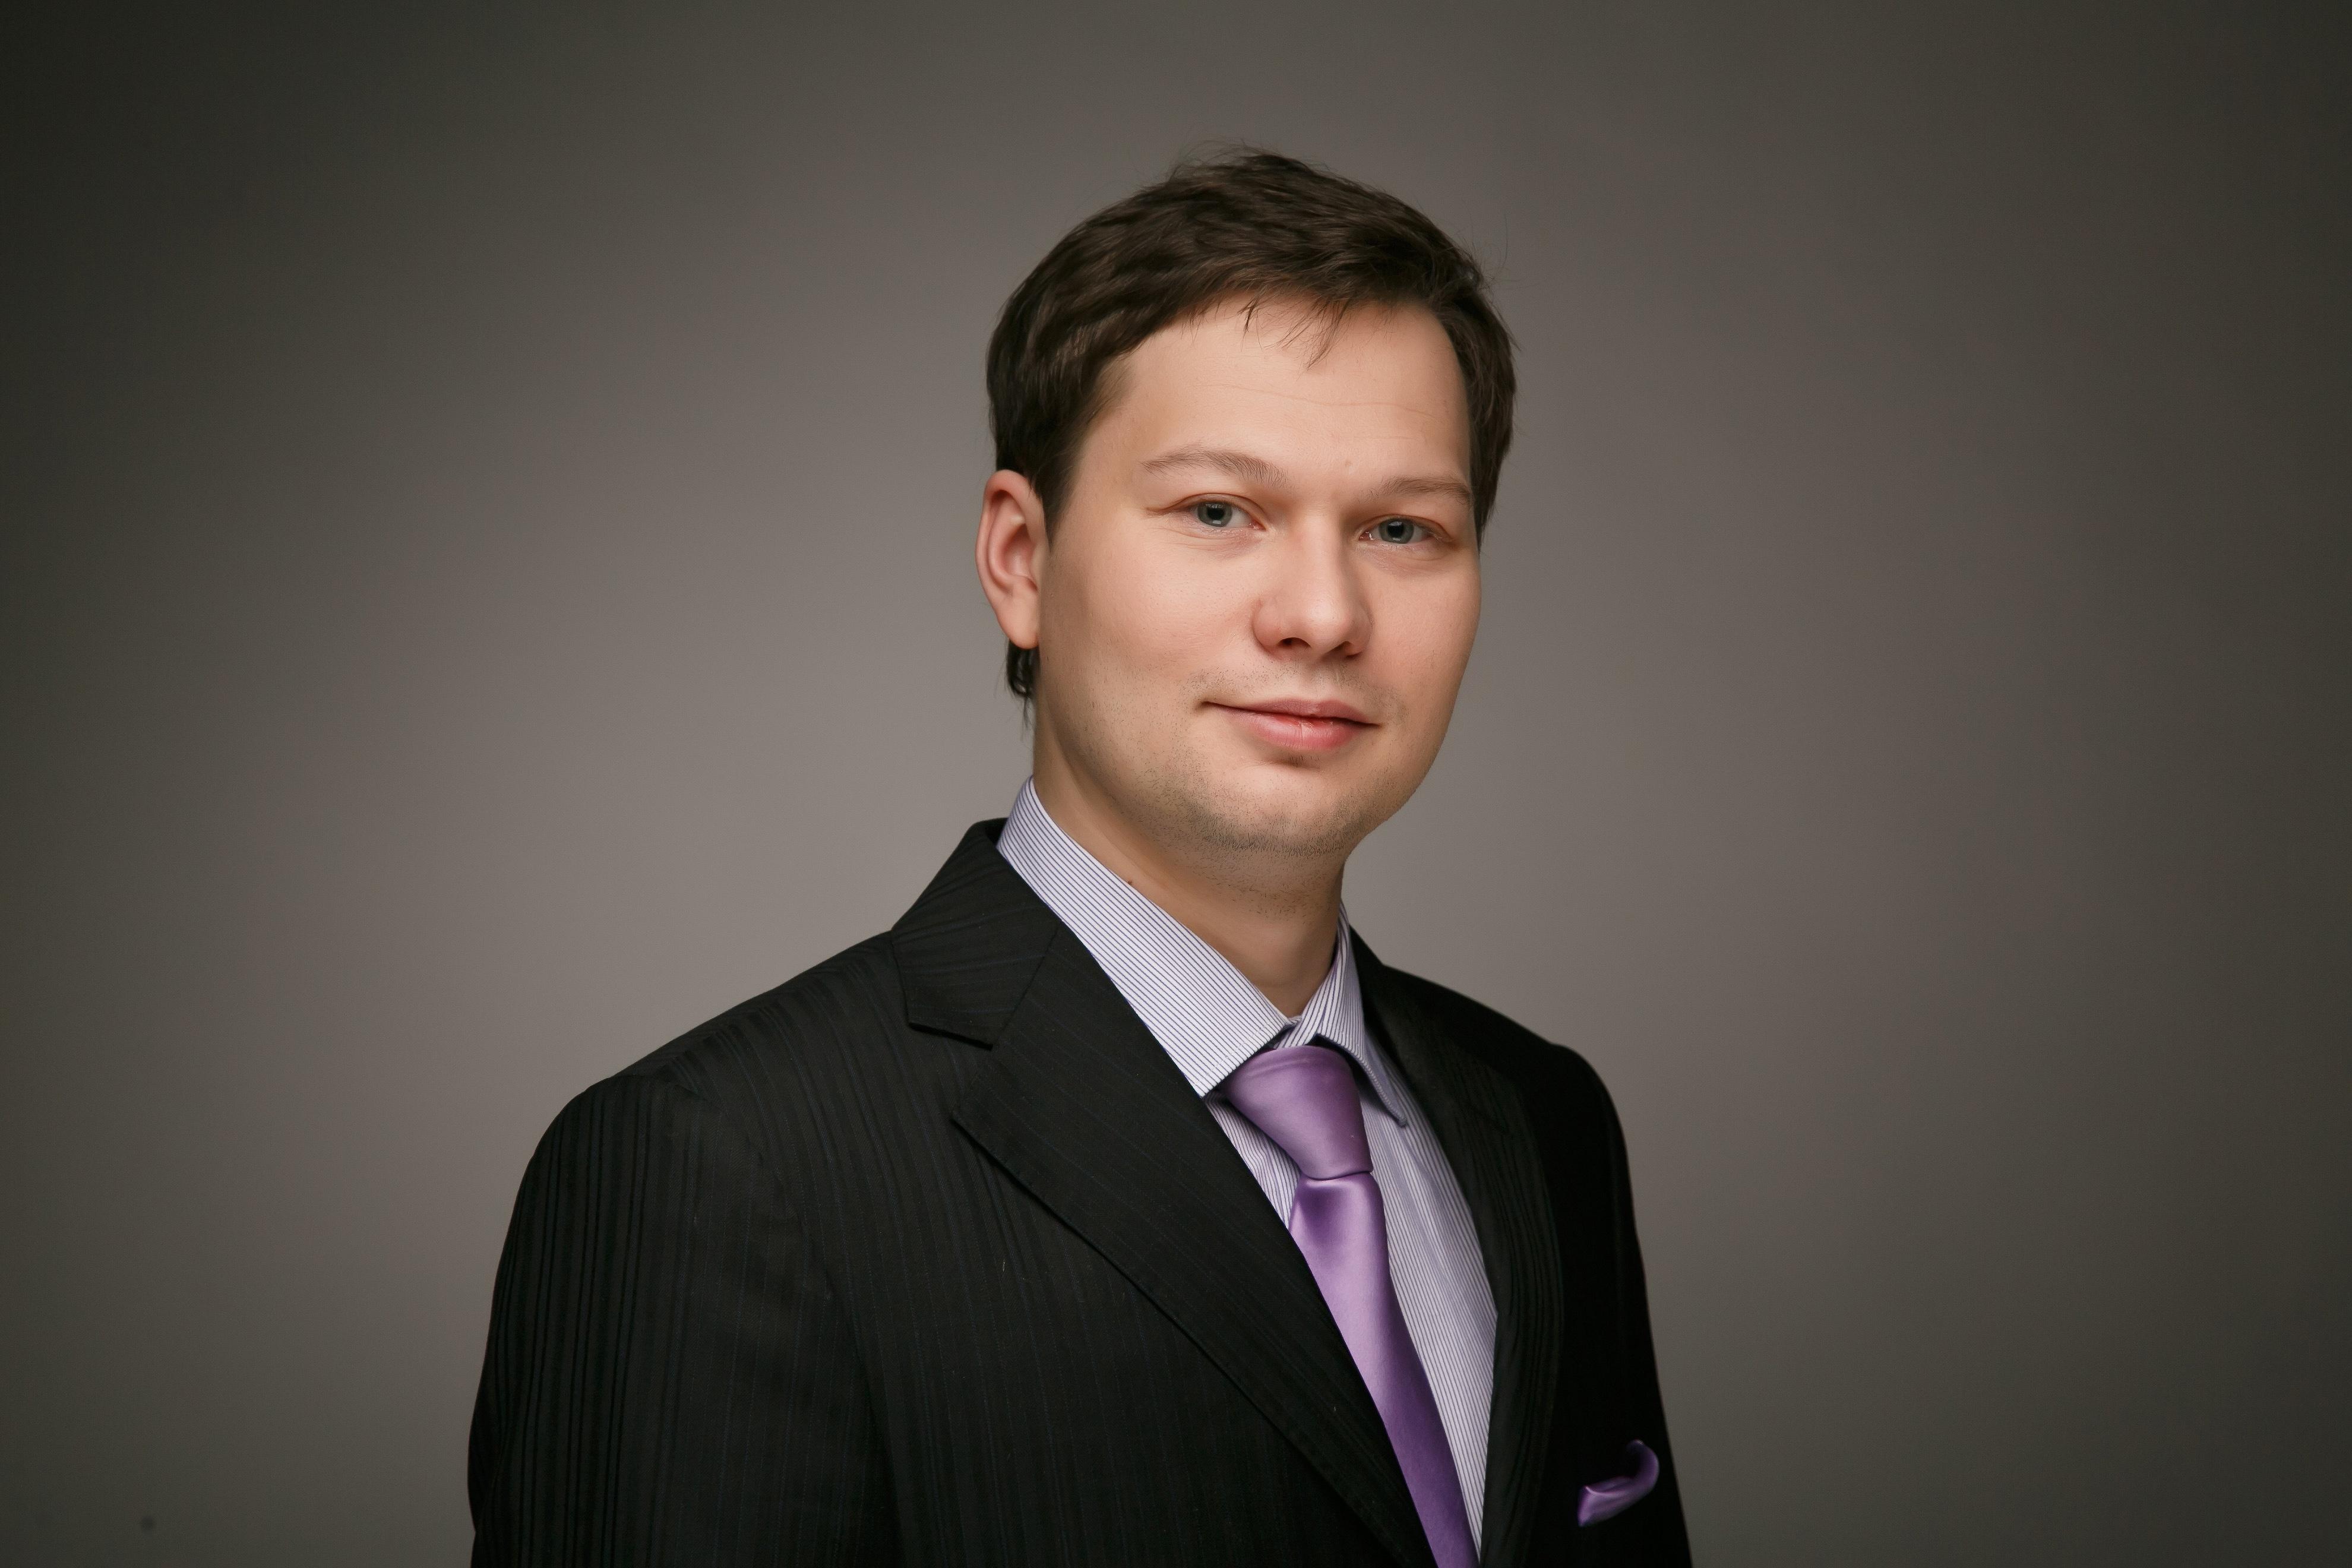 На иностранные мессенджеры у российских властей нет рычагов воздействия